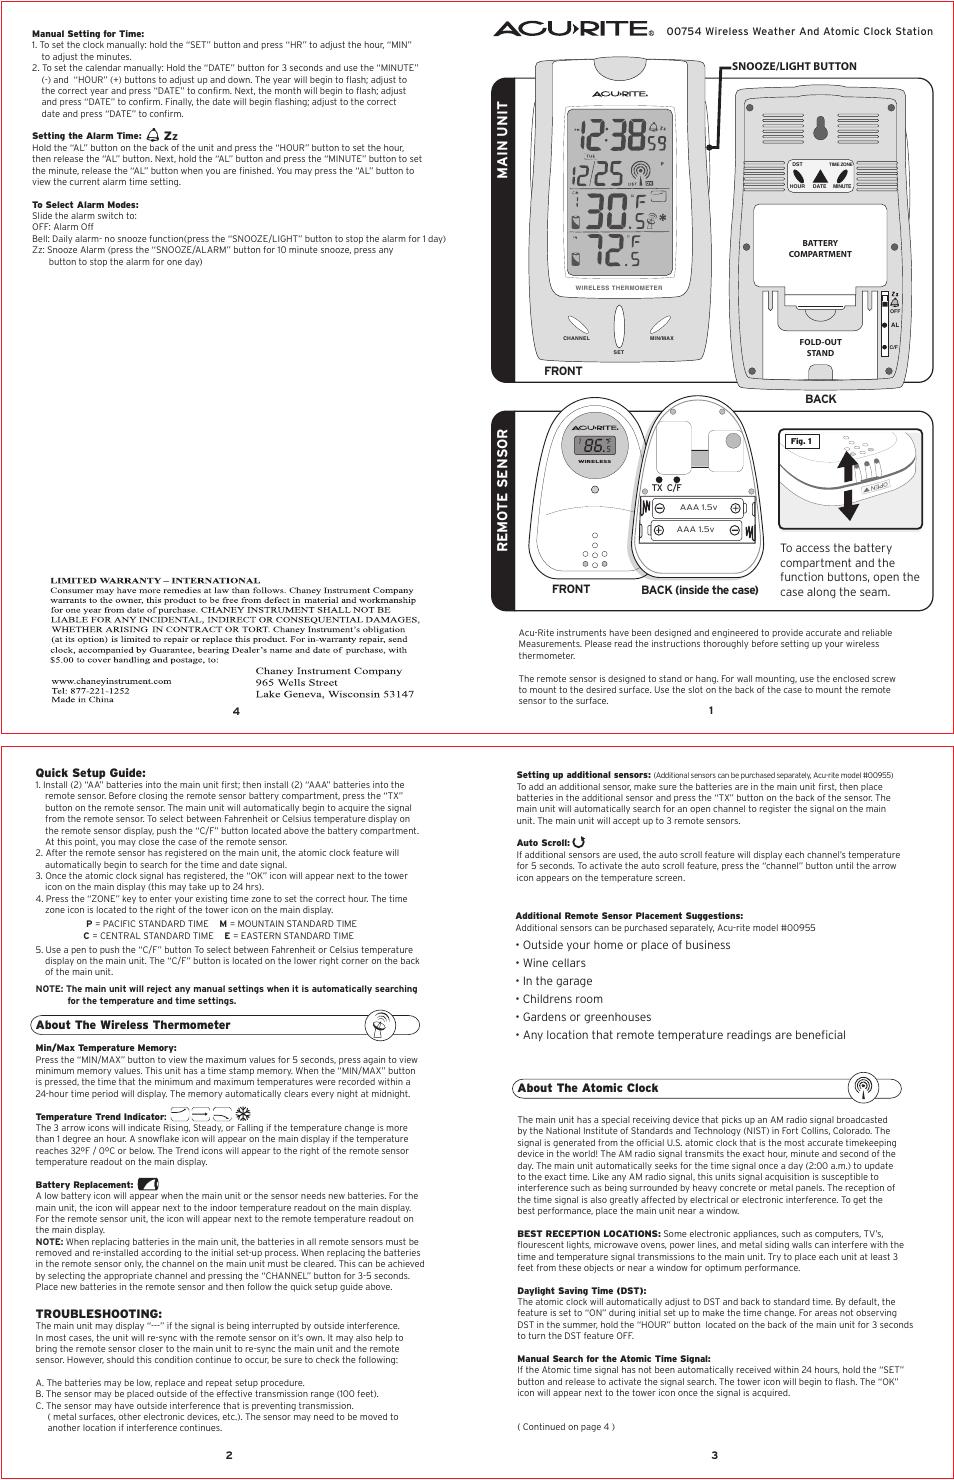 Download Acu Rite 00754 Manual Guide